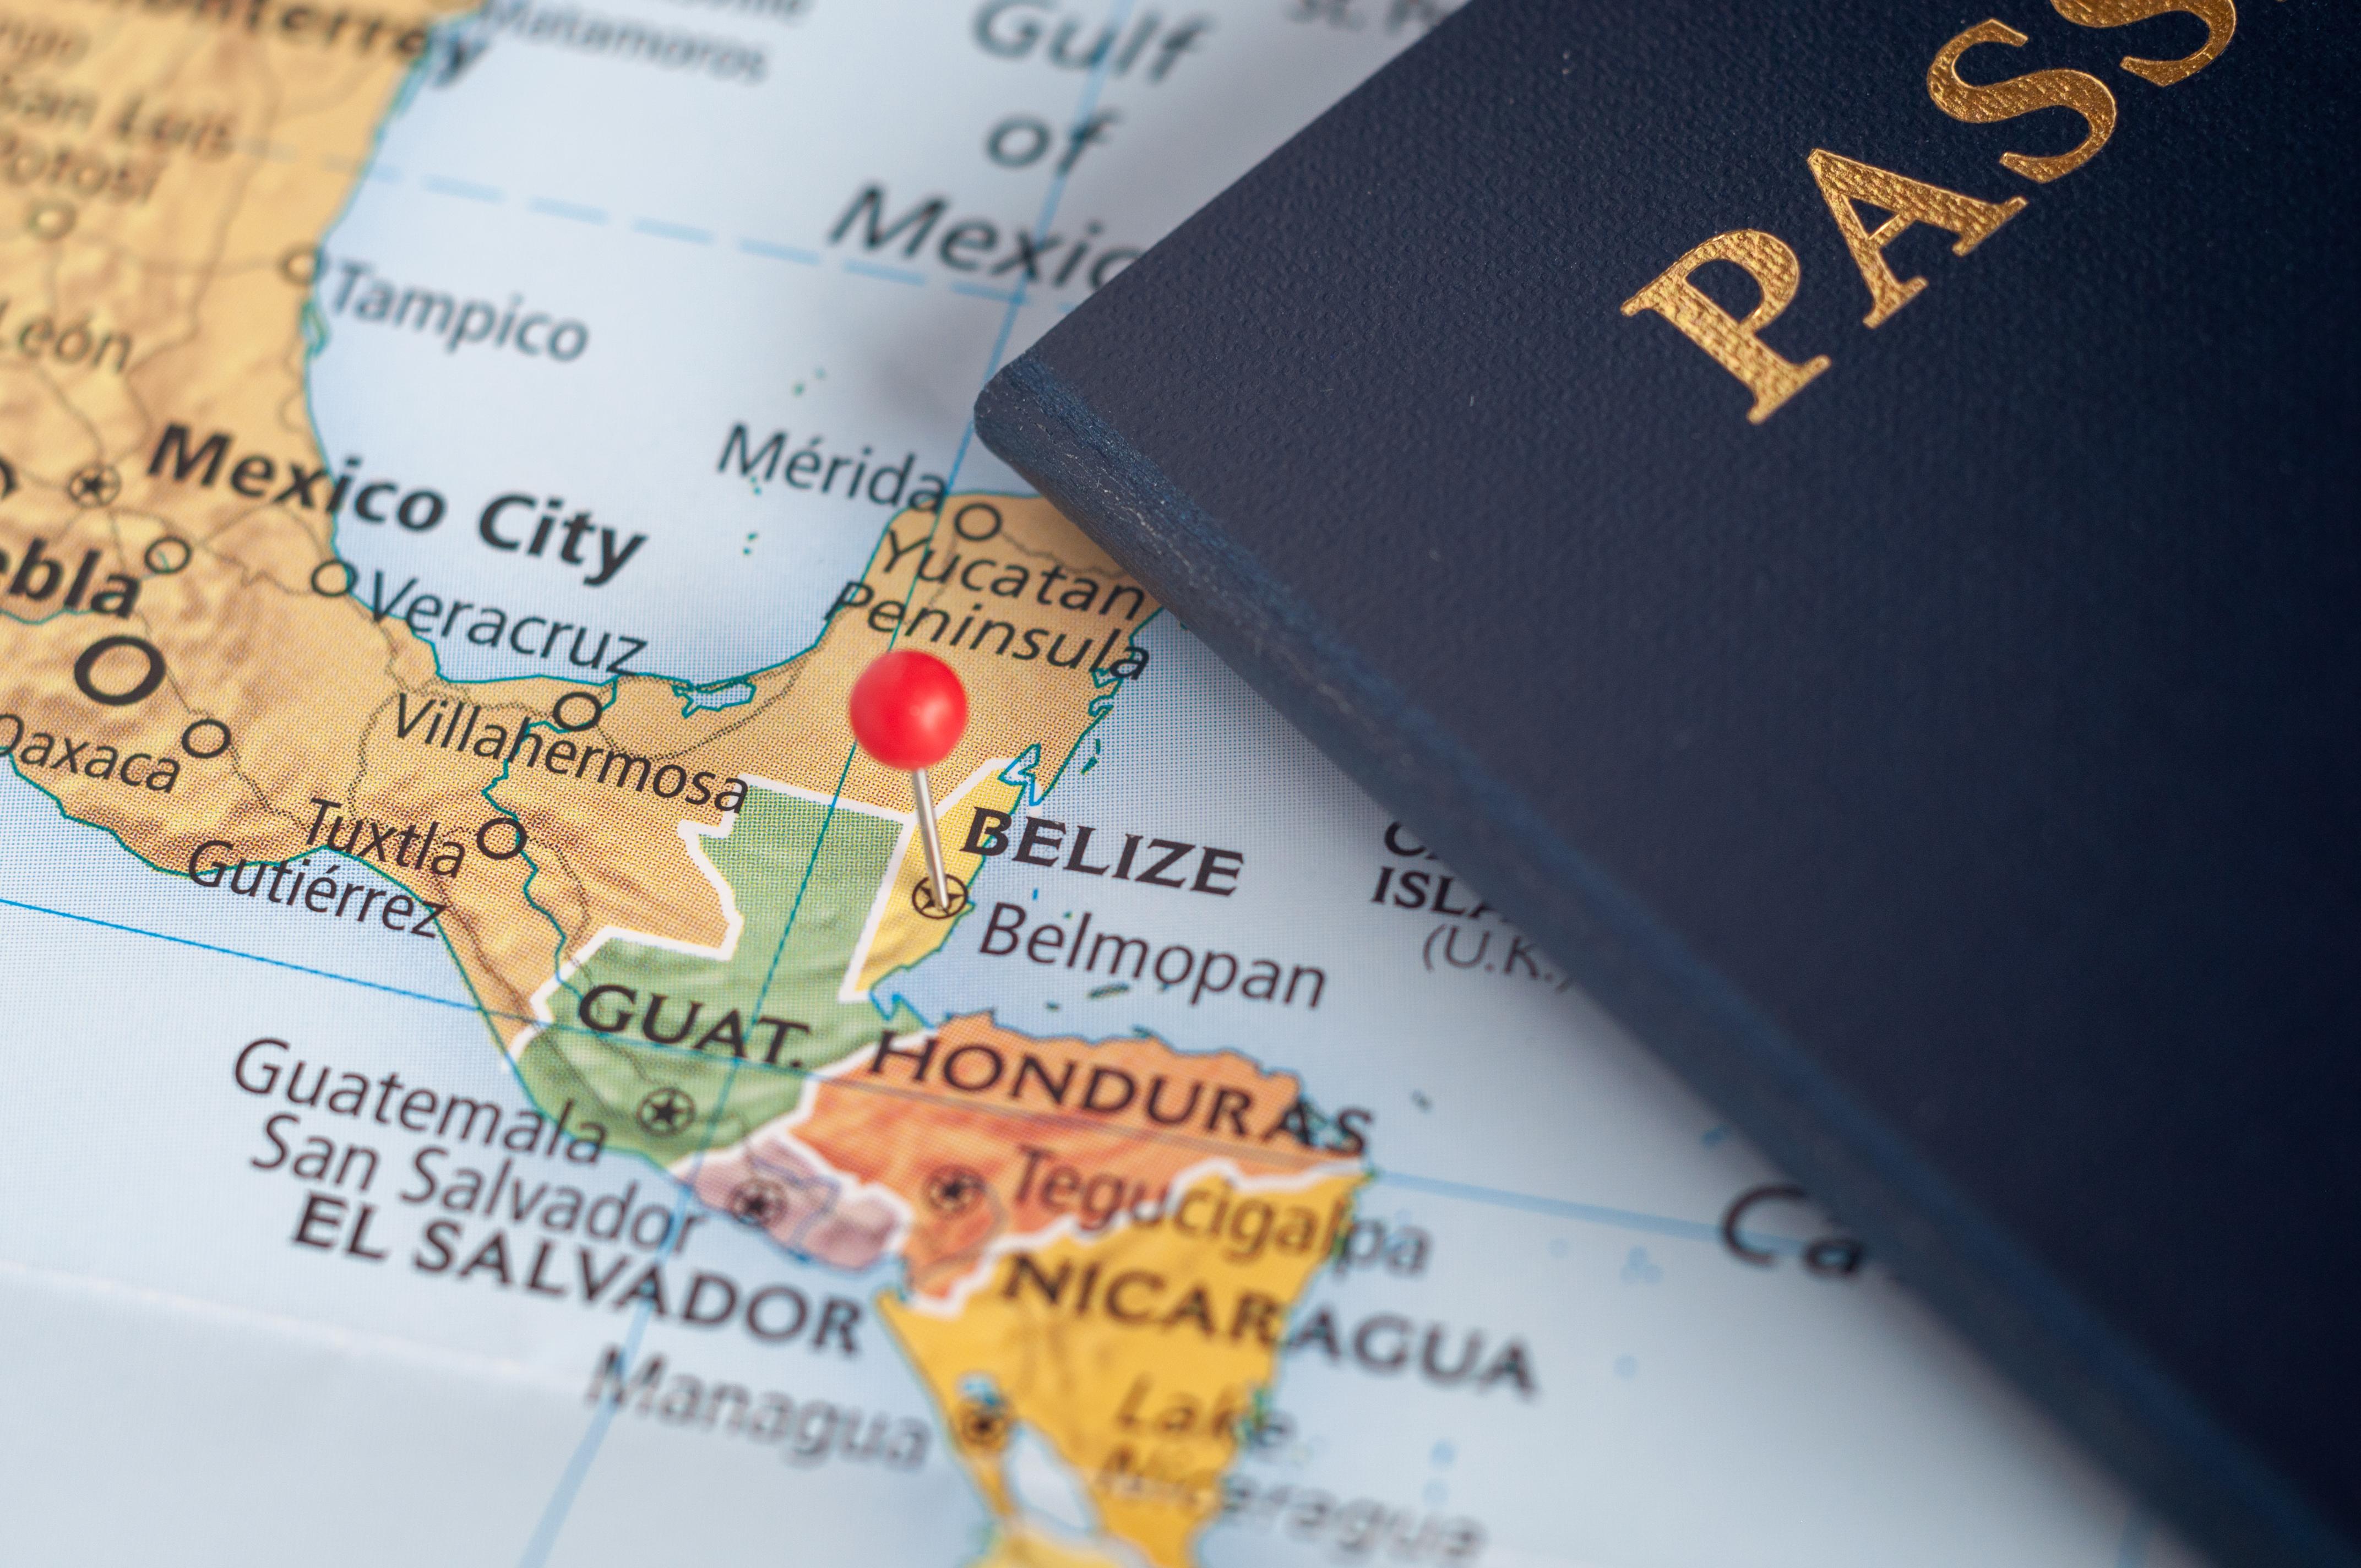 Карта Белиза и паспорт, который могут оформить иностранцы